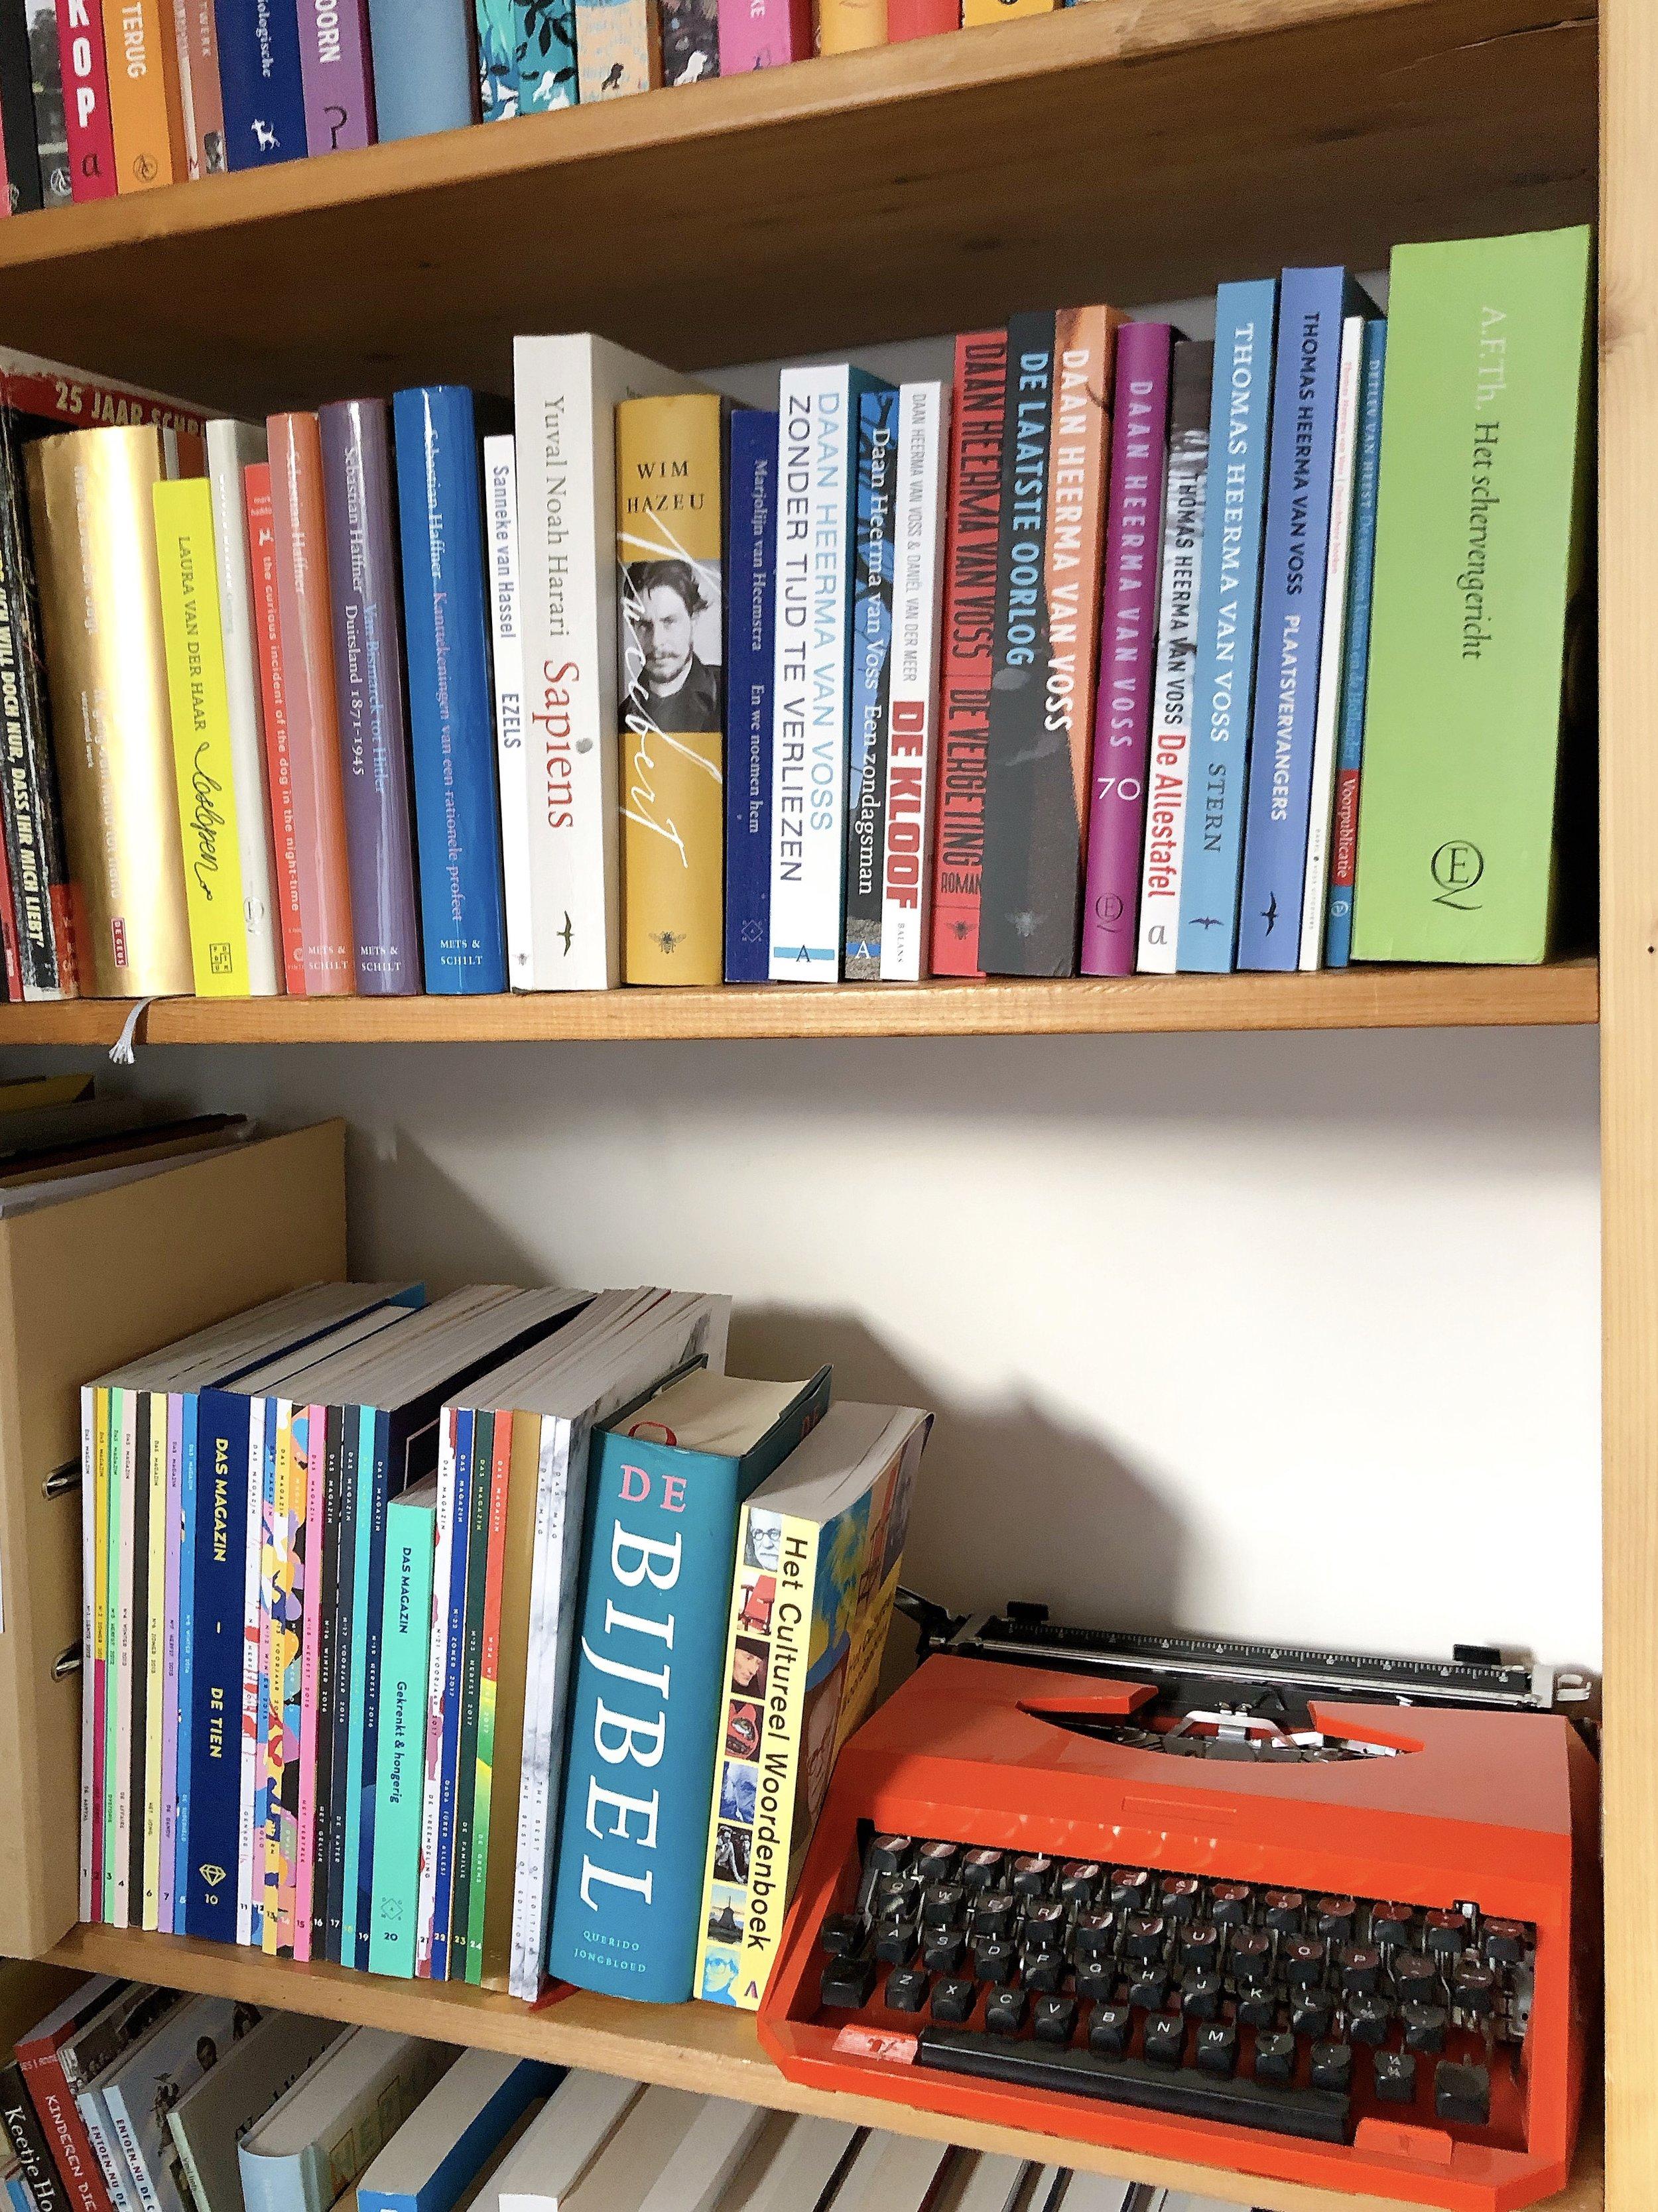 Boekenkast - Bookaroo.jpg